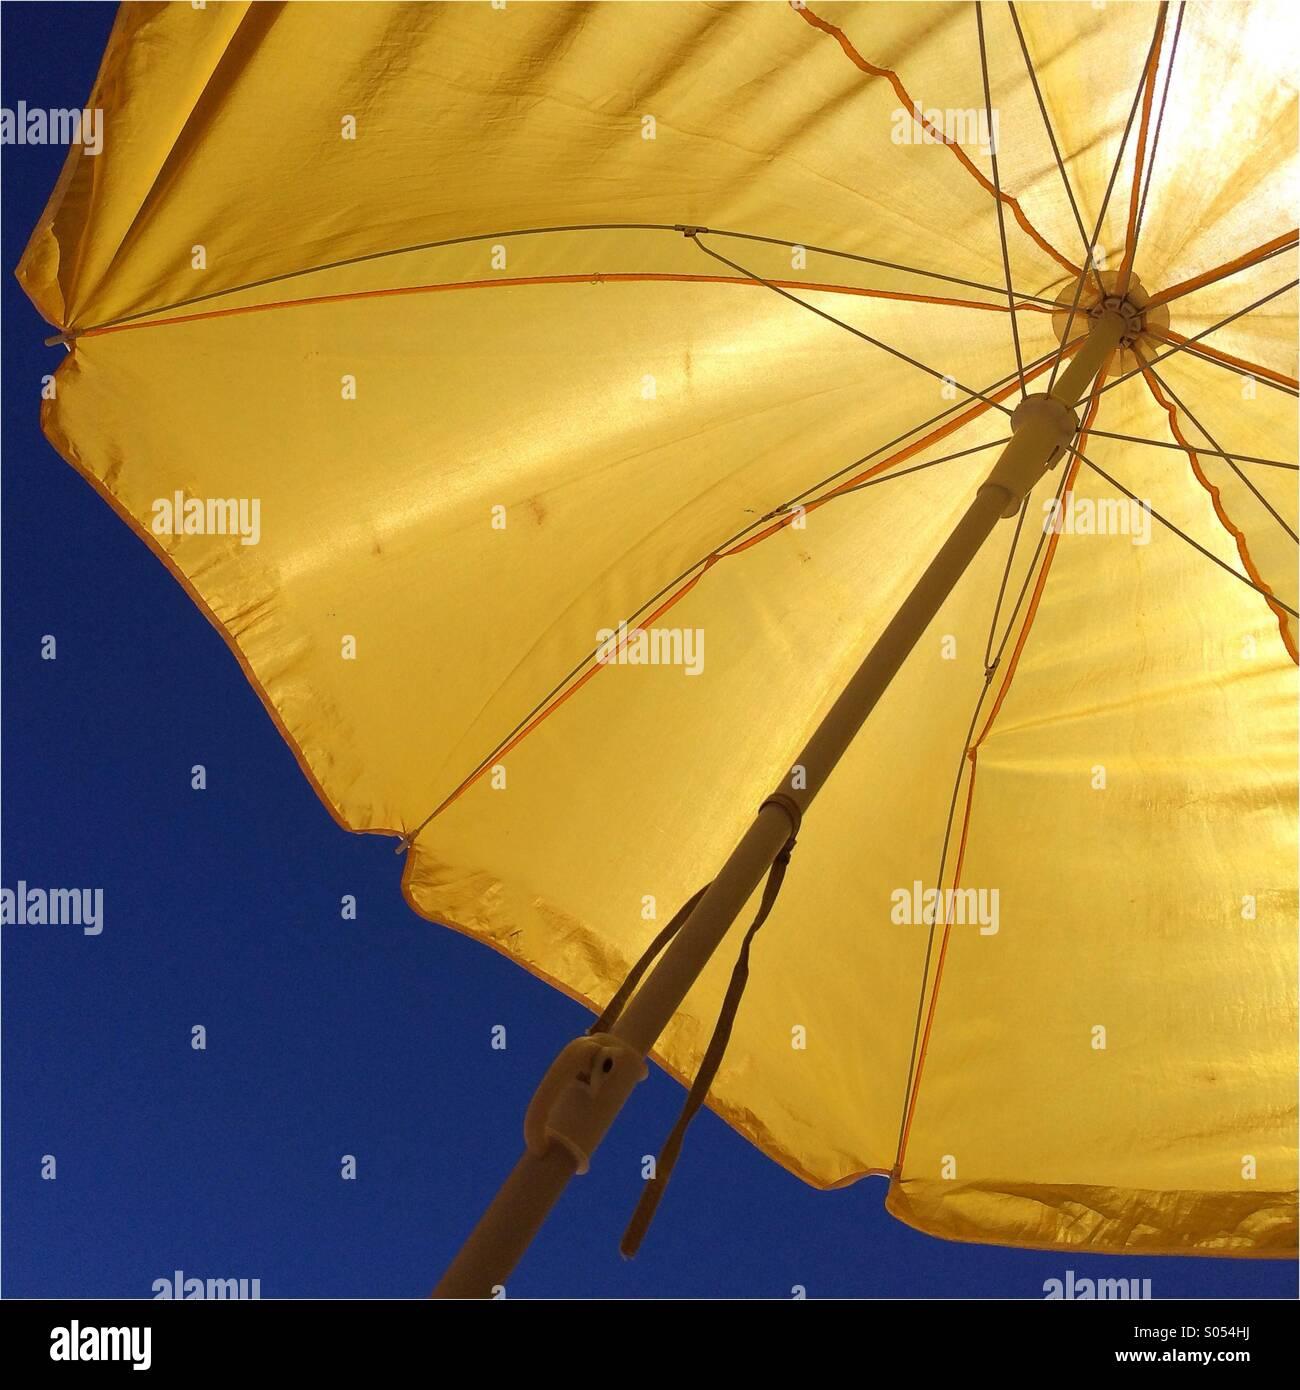 Giallo ombrellone in spiaggia contro il cielo blu Immagini Stock